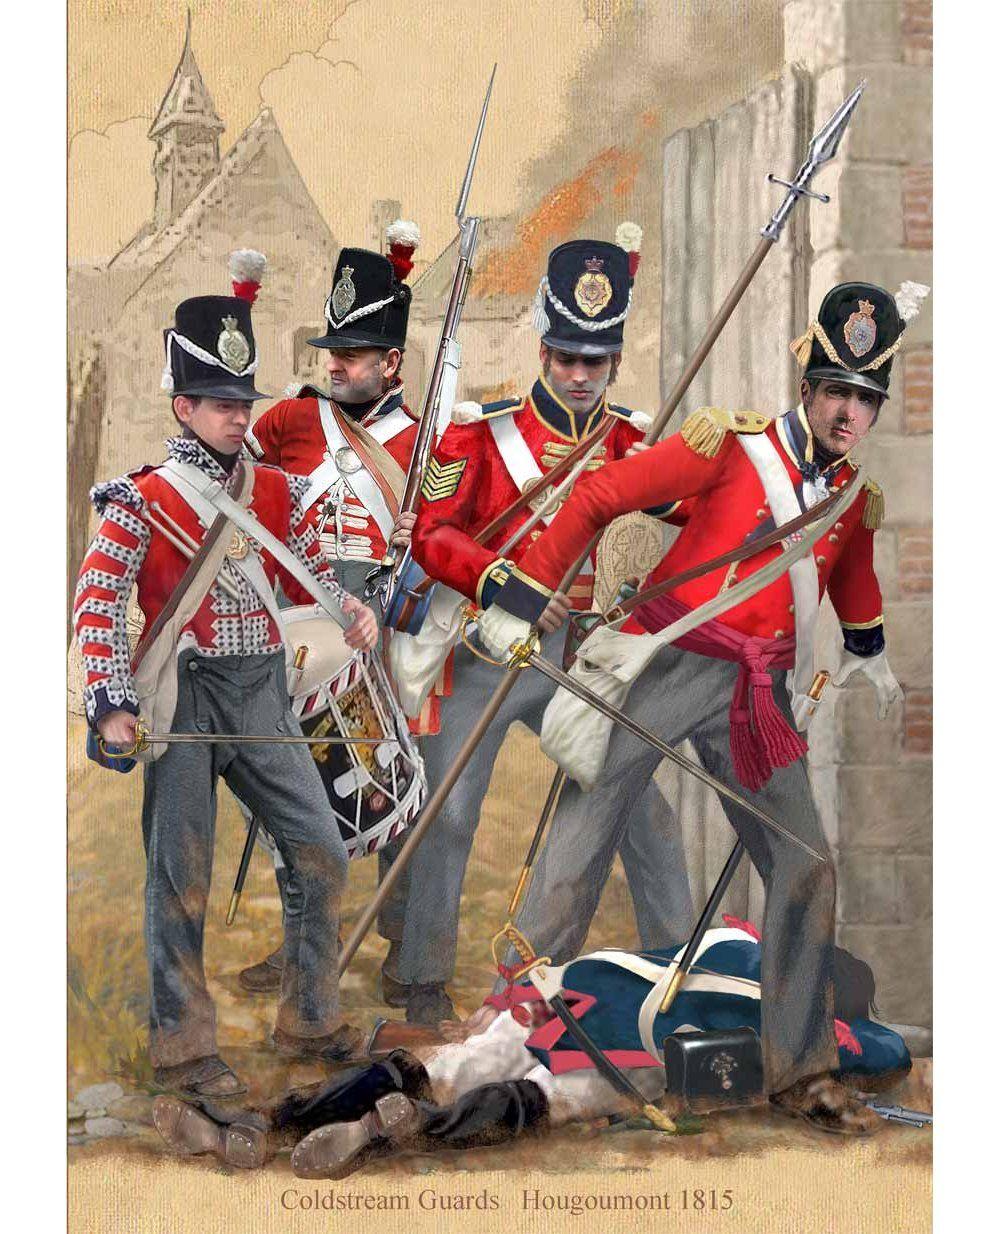 Топ-10 прославленных полков английской армии (Наполеоновские войны)